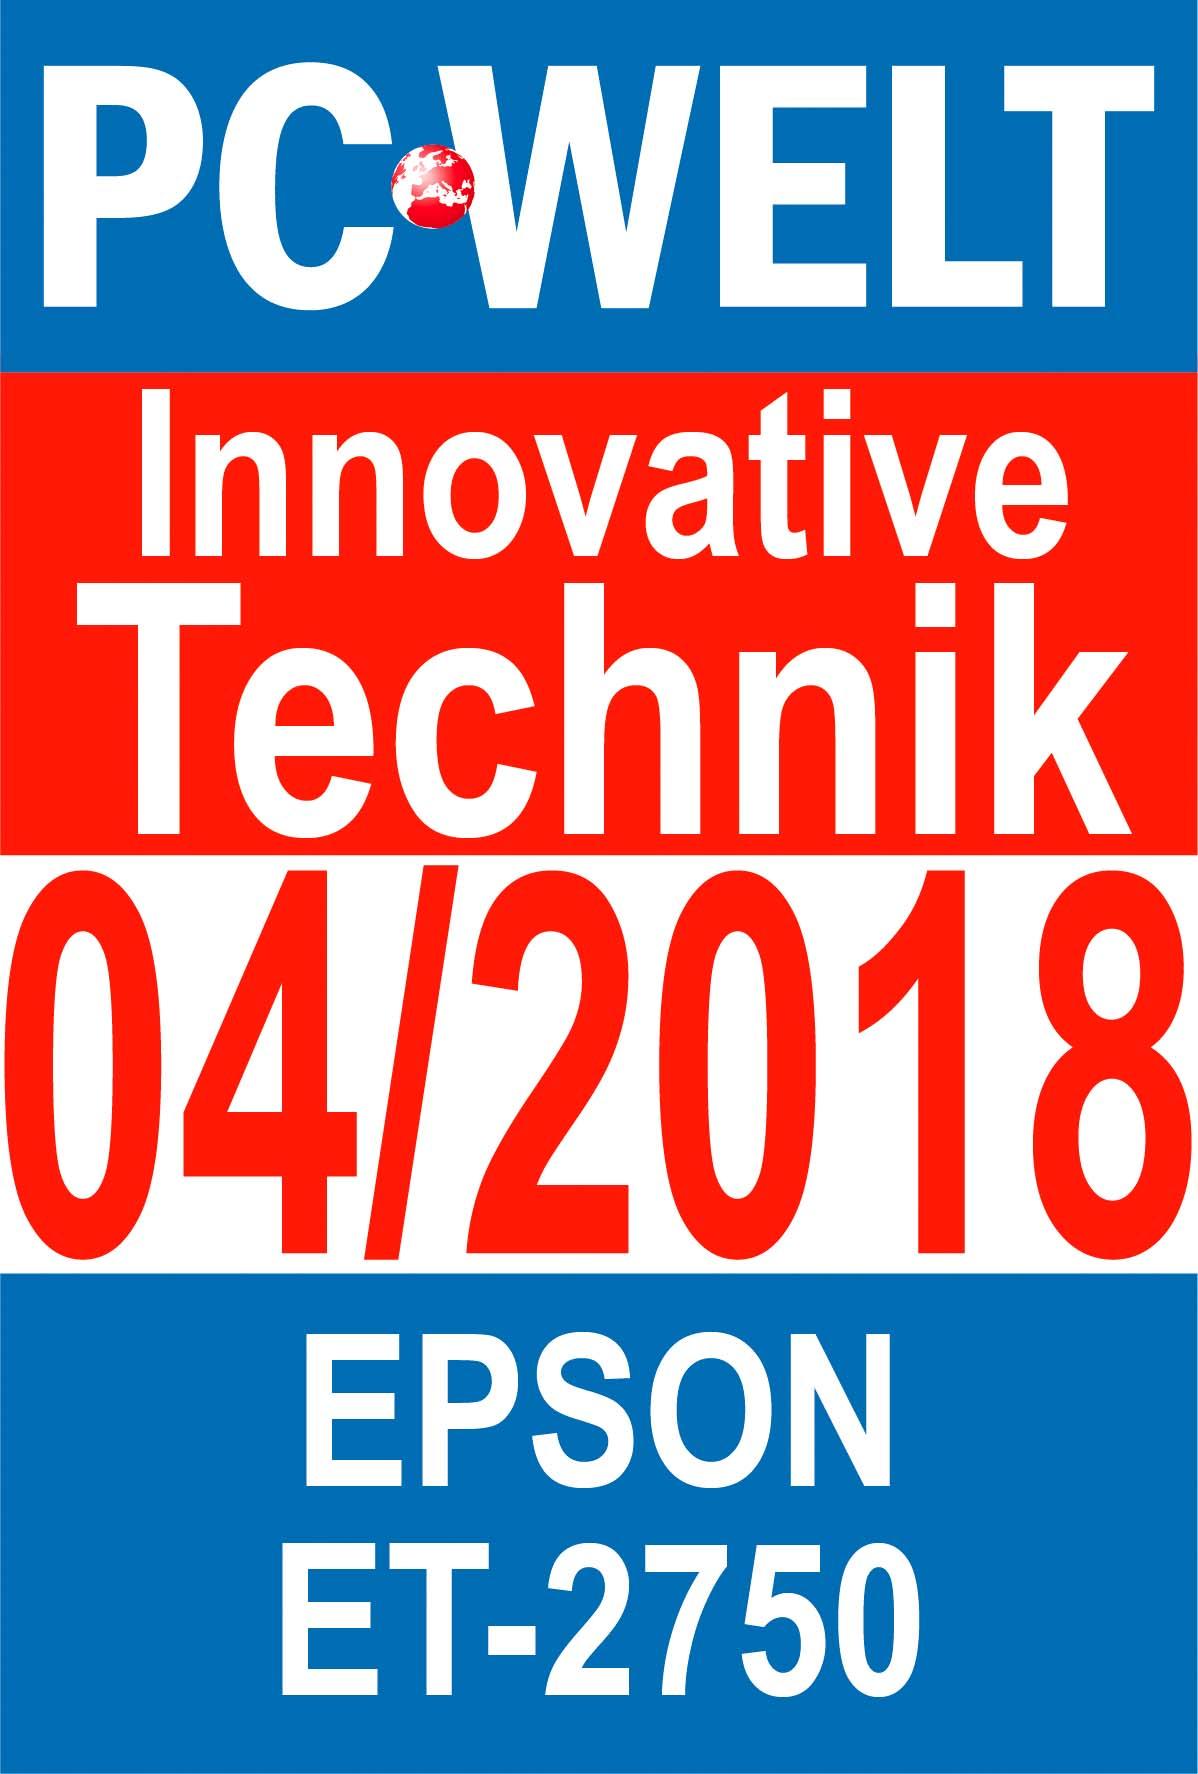 testurteil_Innovative_Technik_E5576.jpg